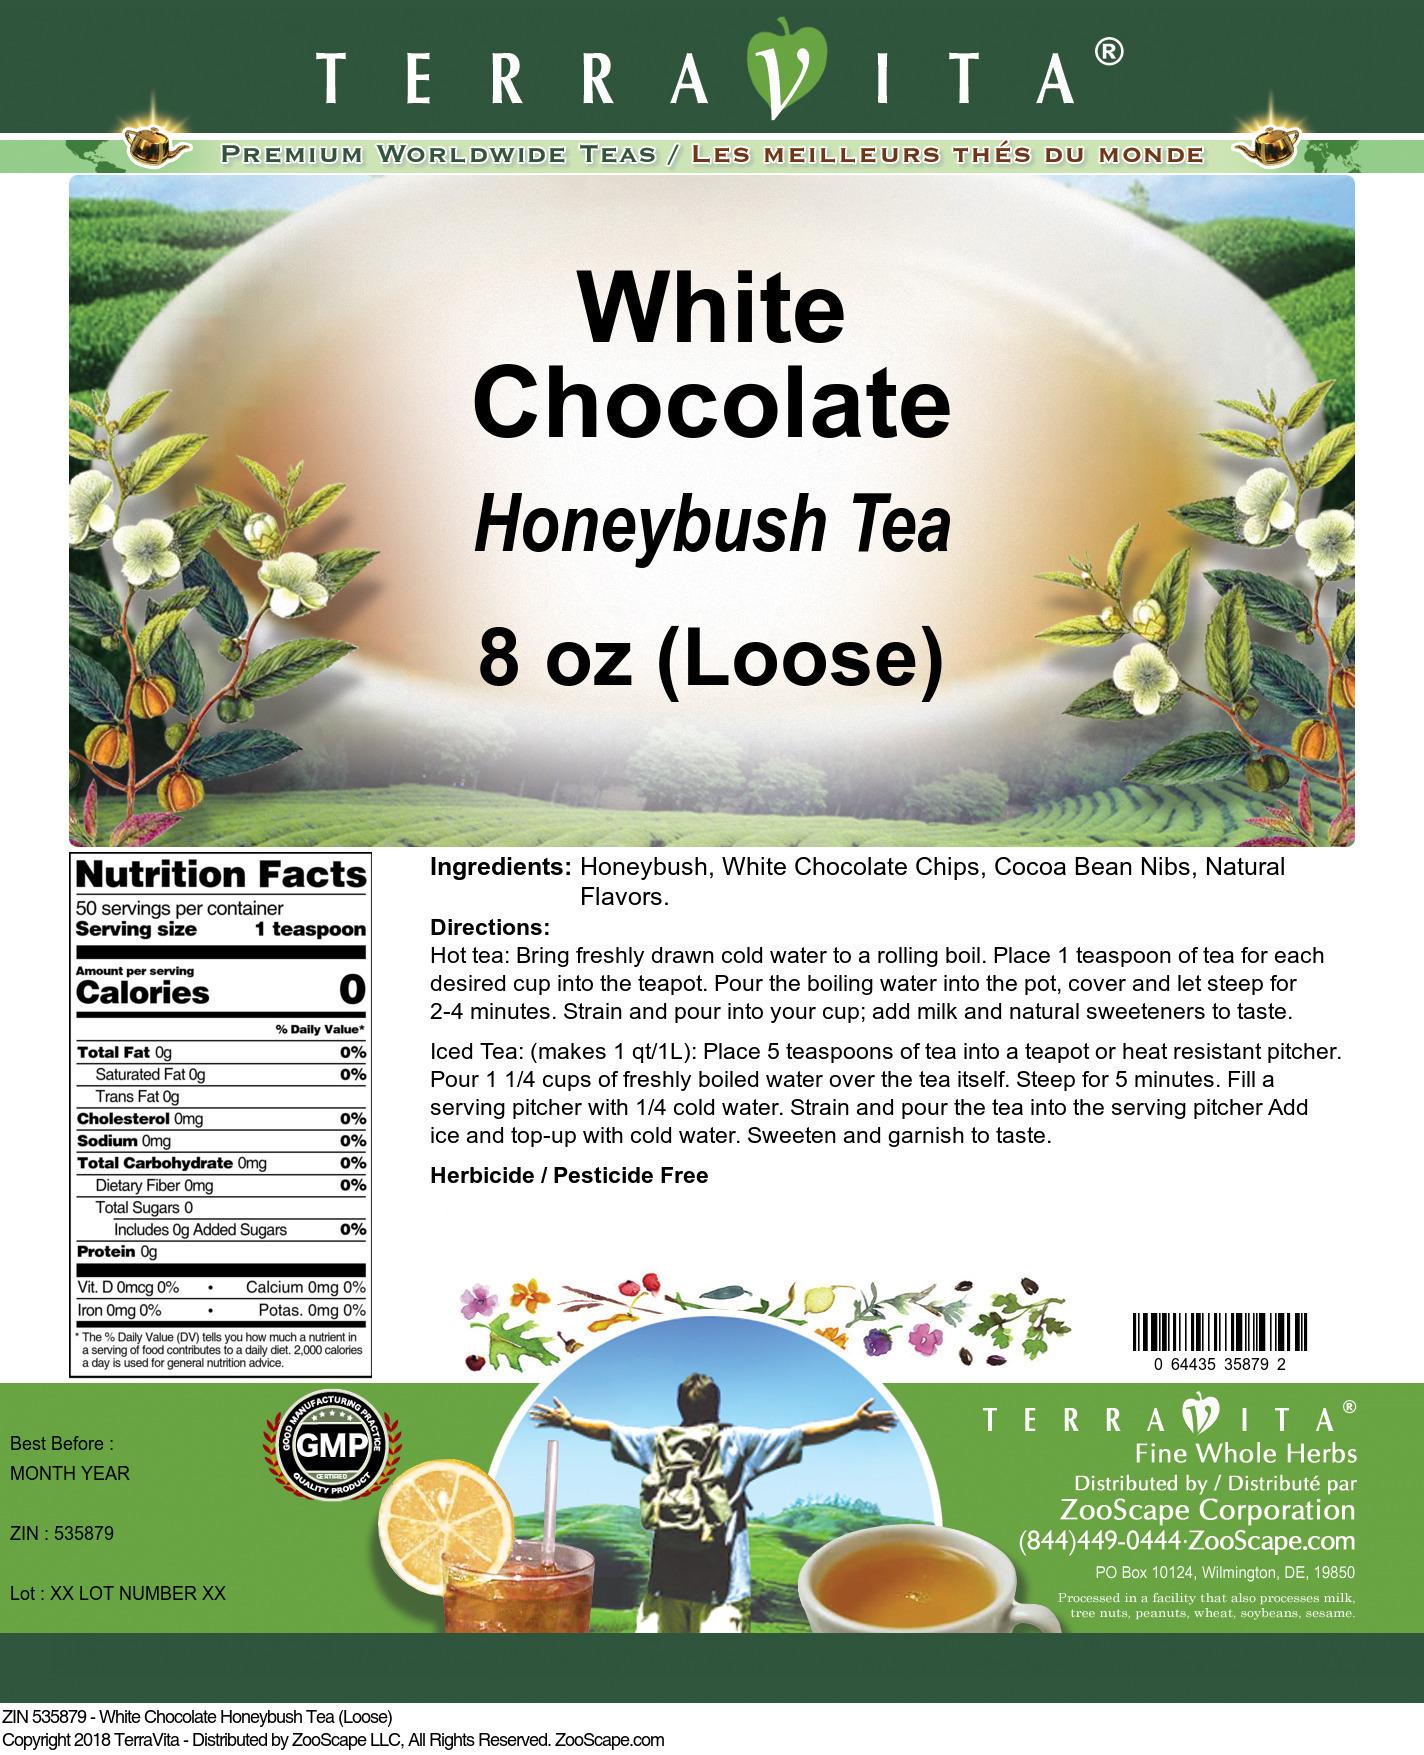 White Chocolate Honeybush Tea